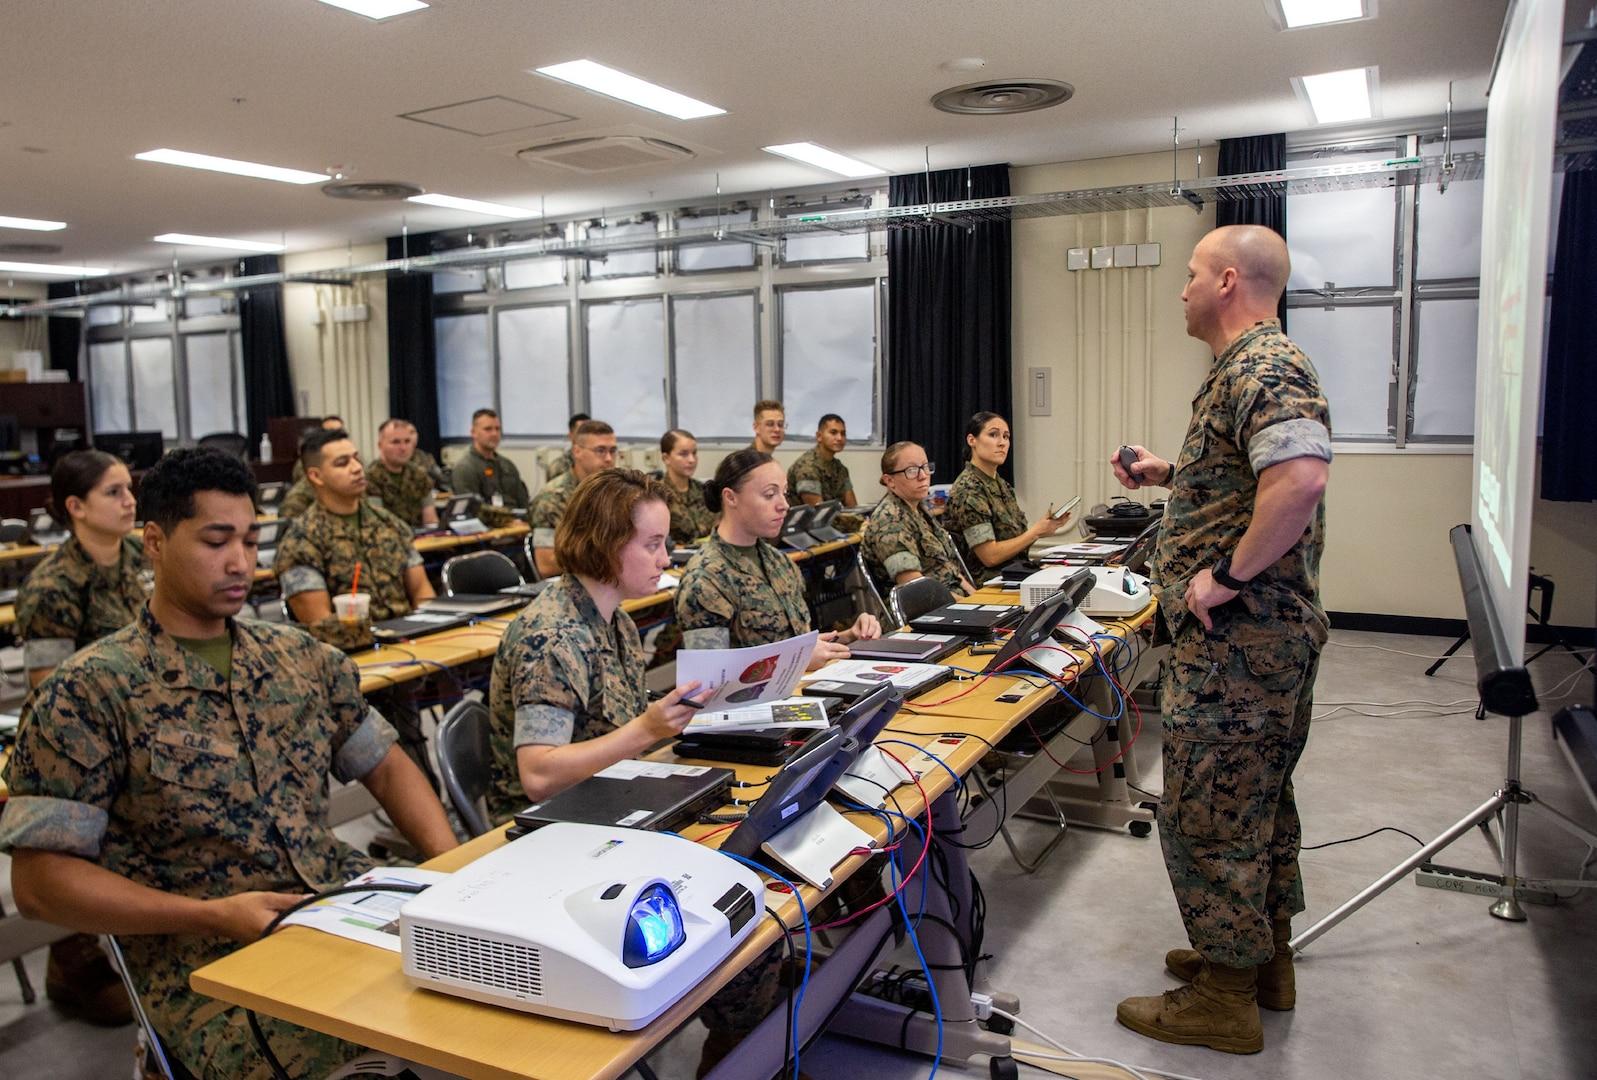 Rapid Mobilization Drill to Prepare for Indo-Pacific Crises